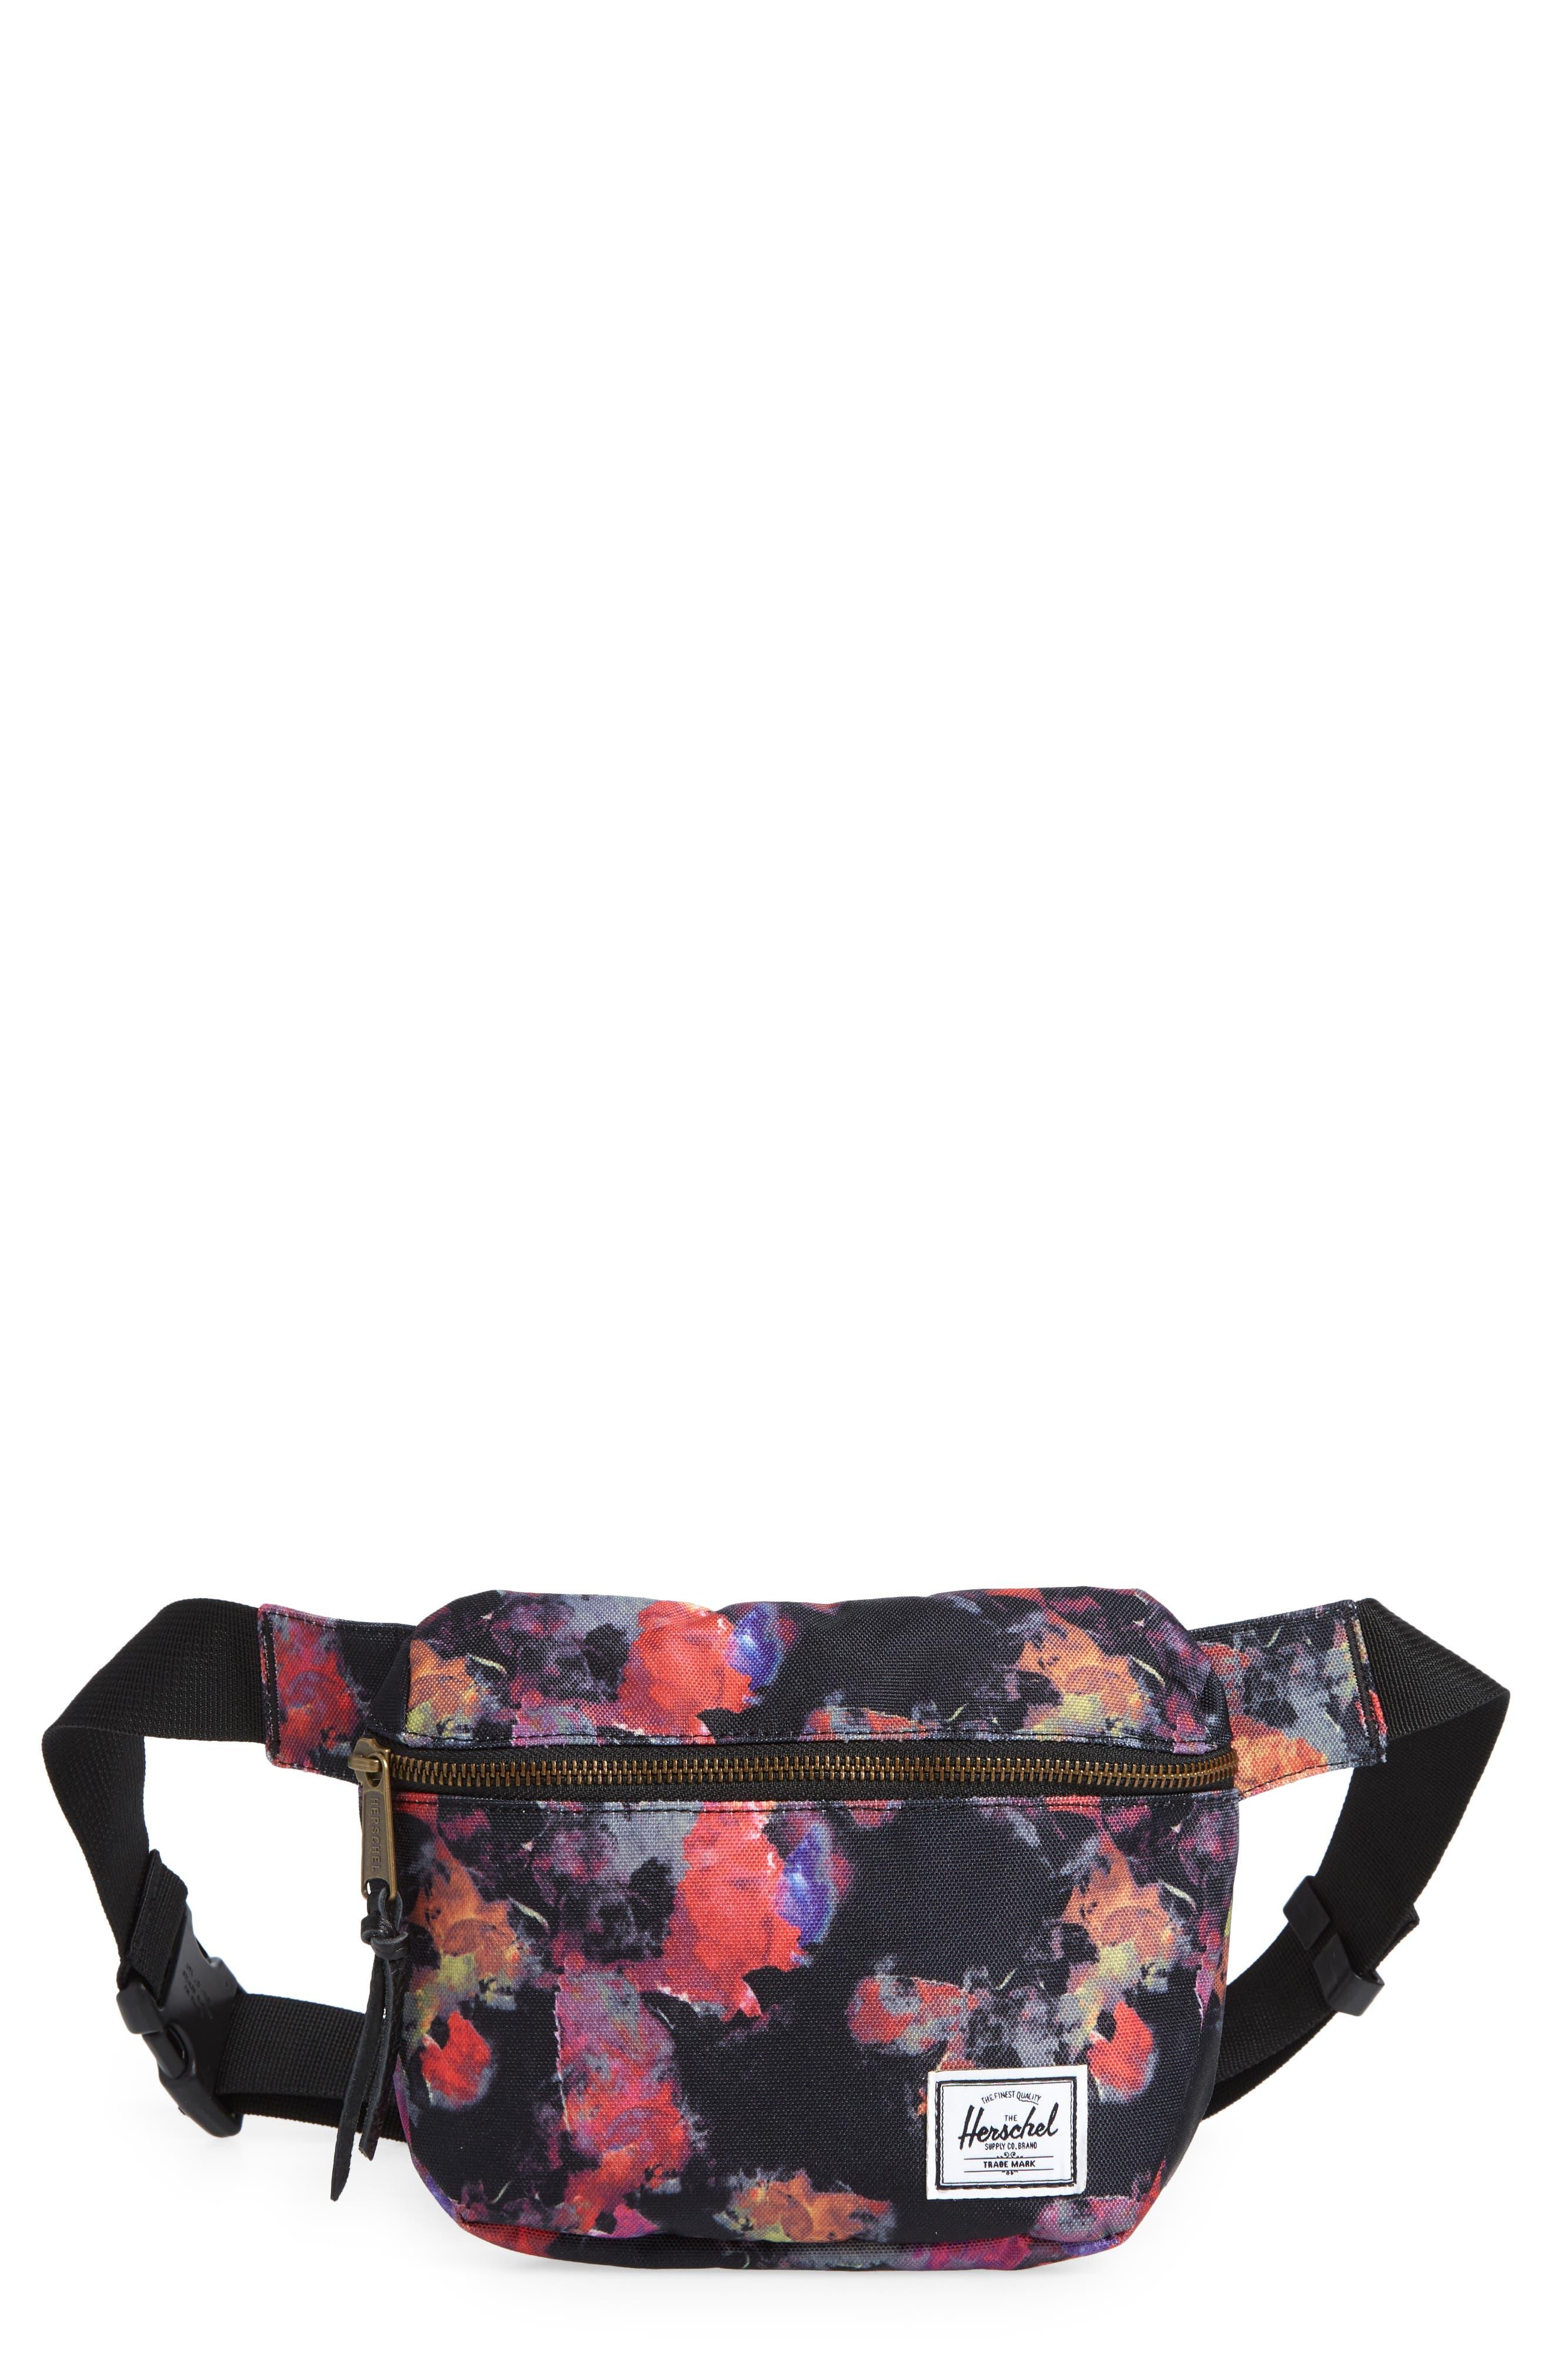 Fifteen Belt Bag